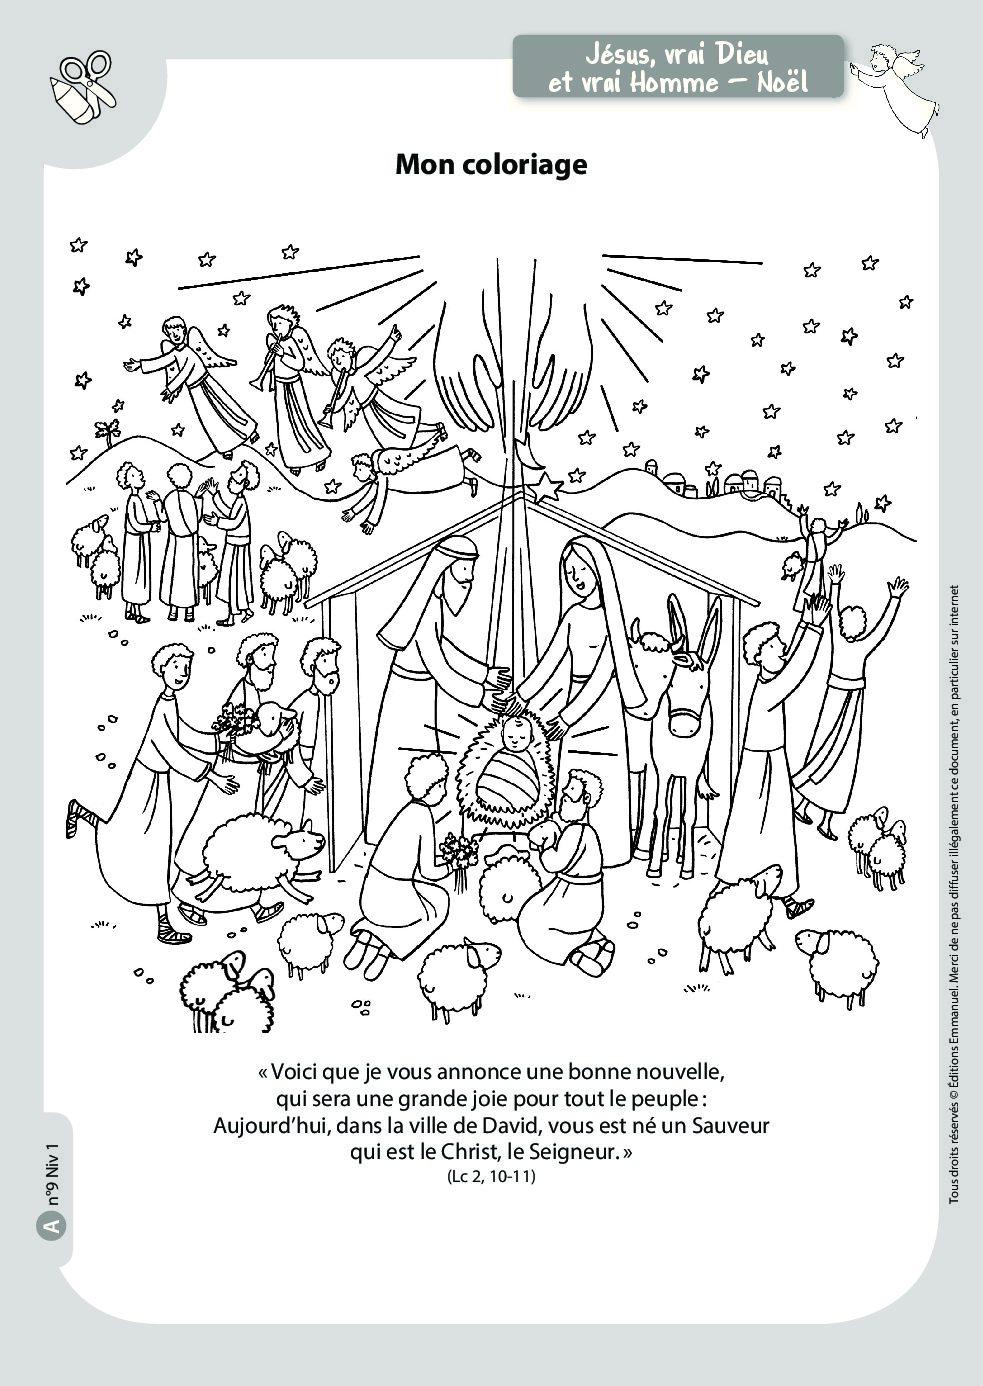 Mots Croisés Sur Noël - Catéchisme Emmanuel avec Mots Croisés Noel